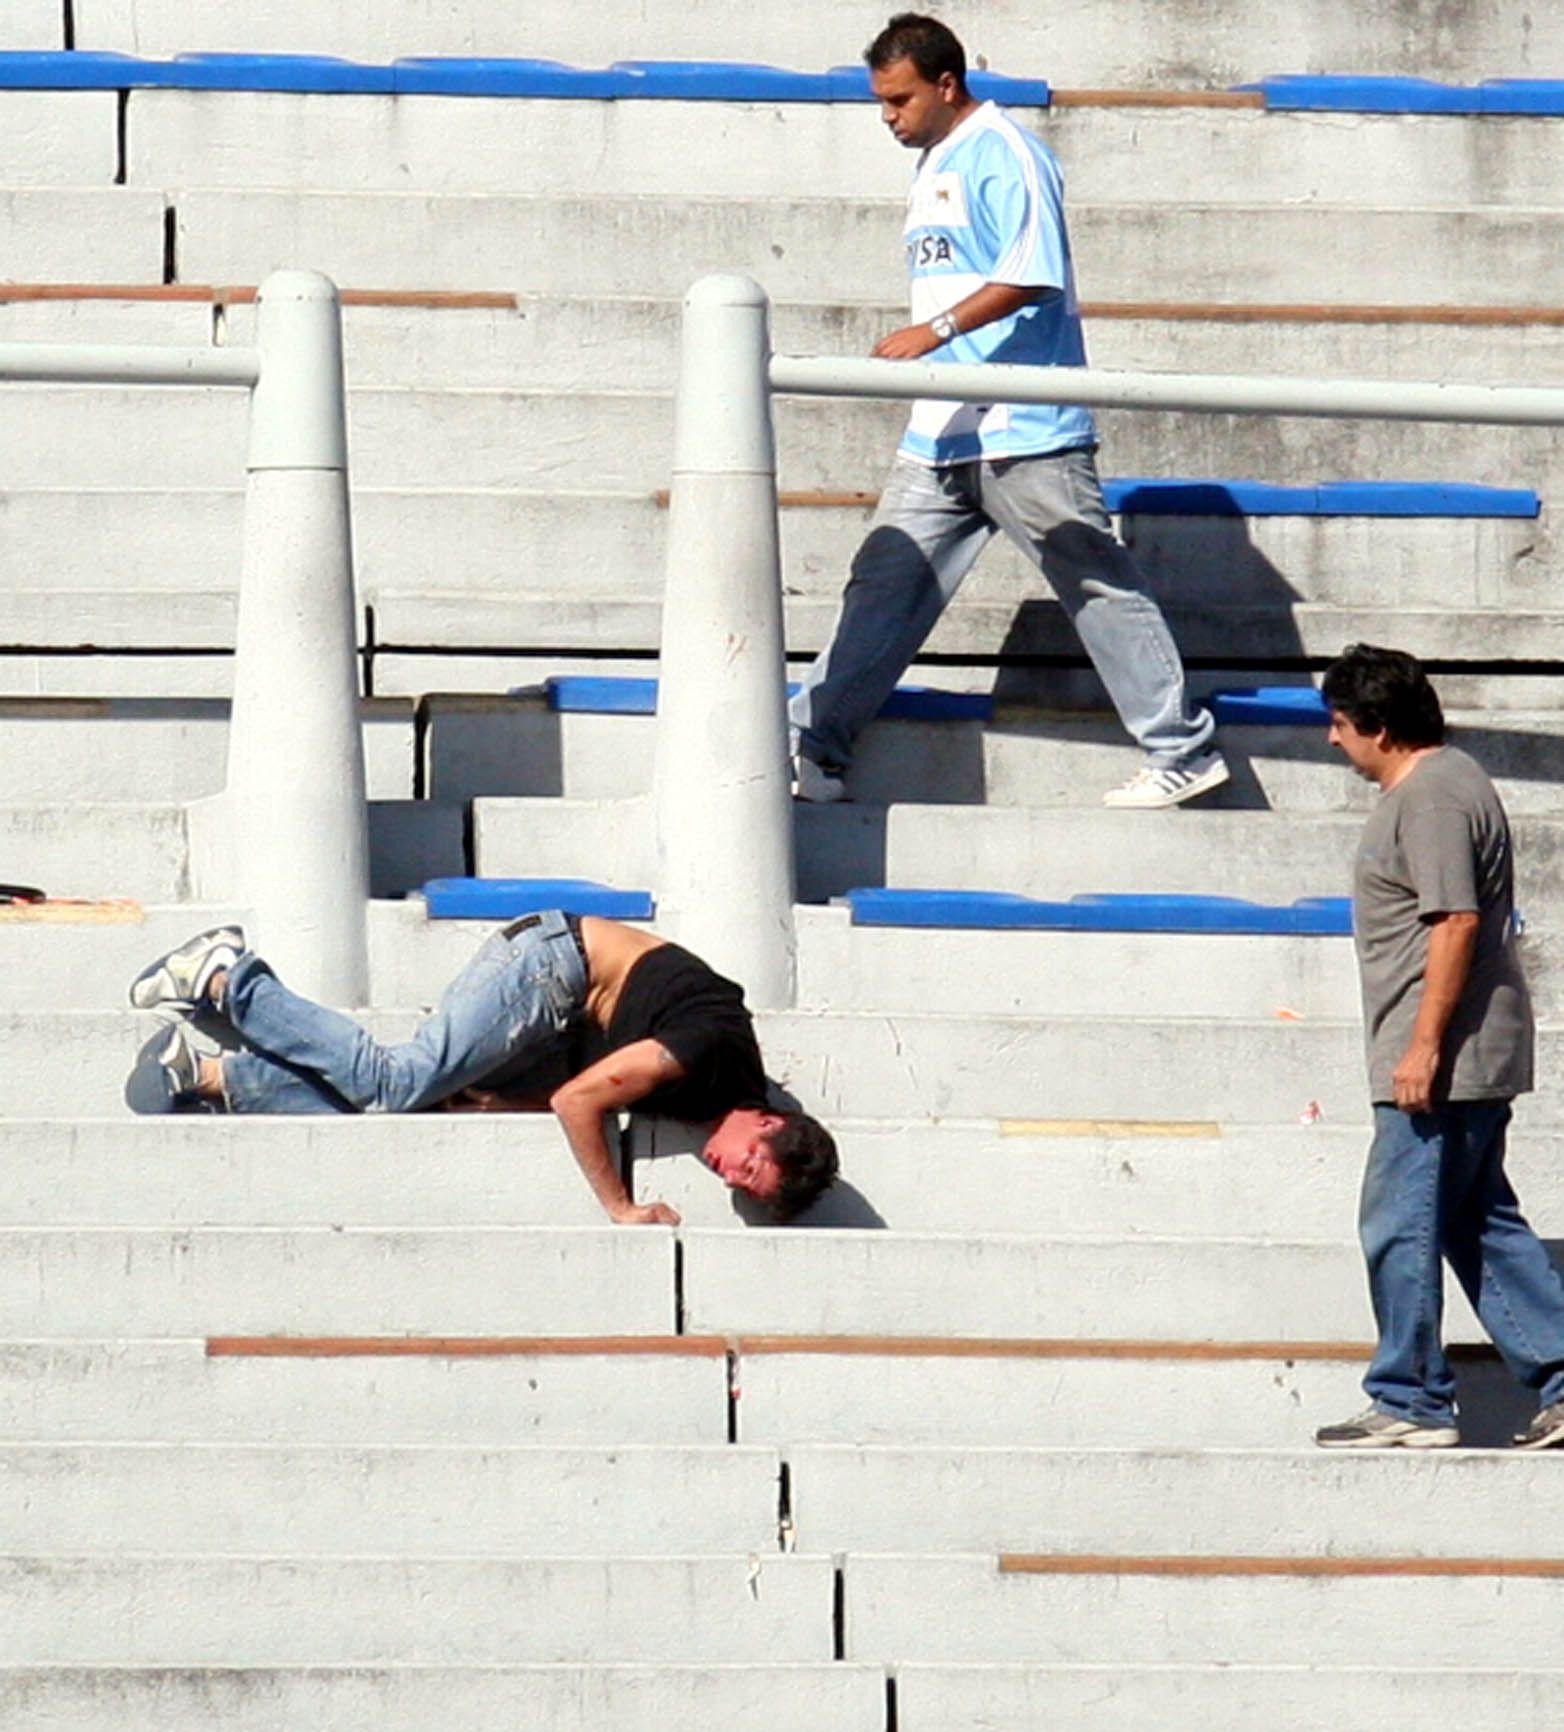 Habrá un nuevo reglamento para evitar la violencia en ell fútbol